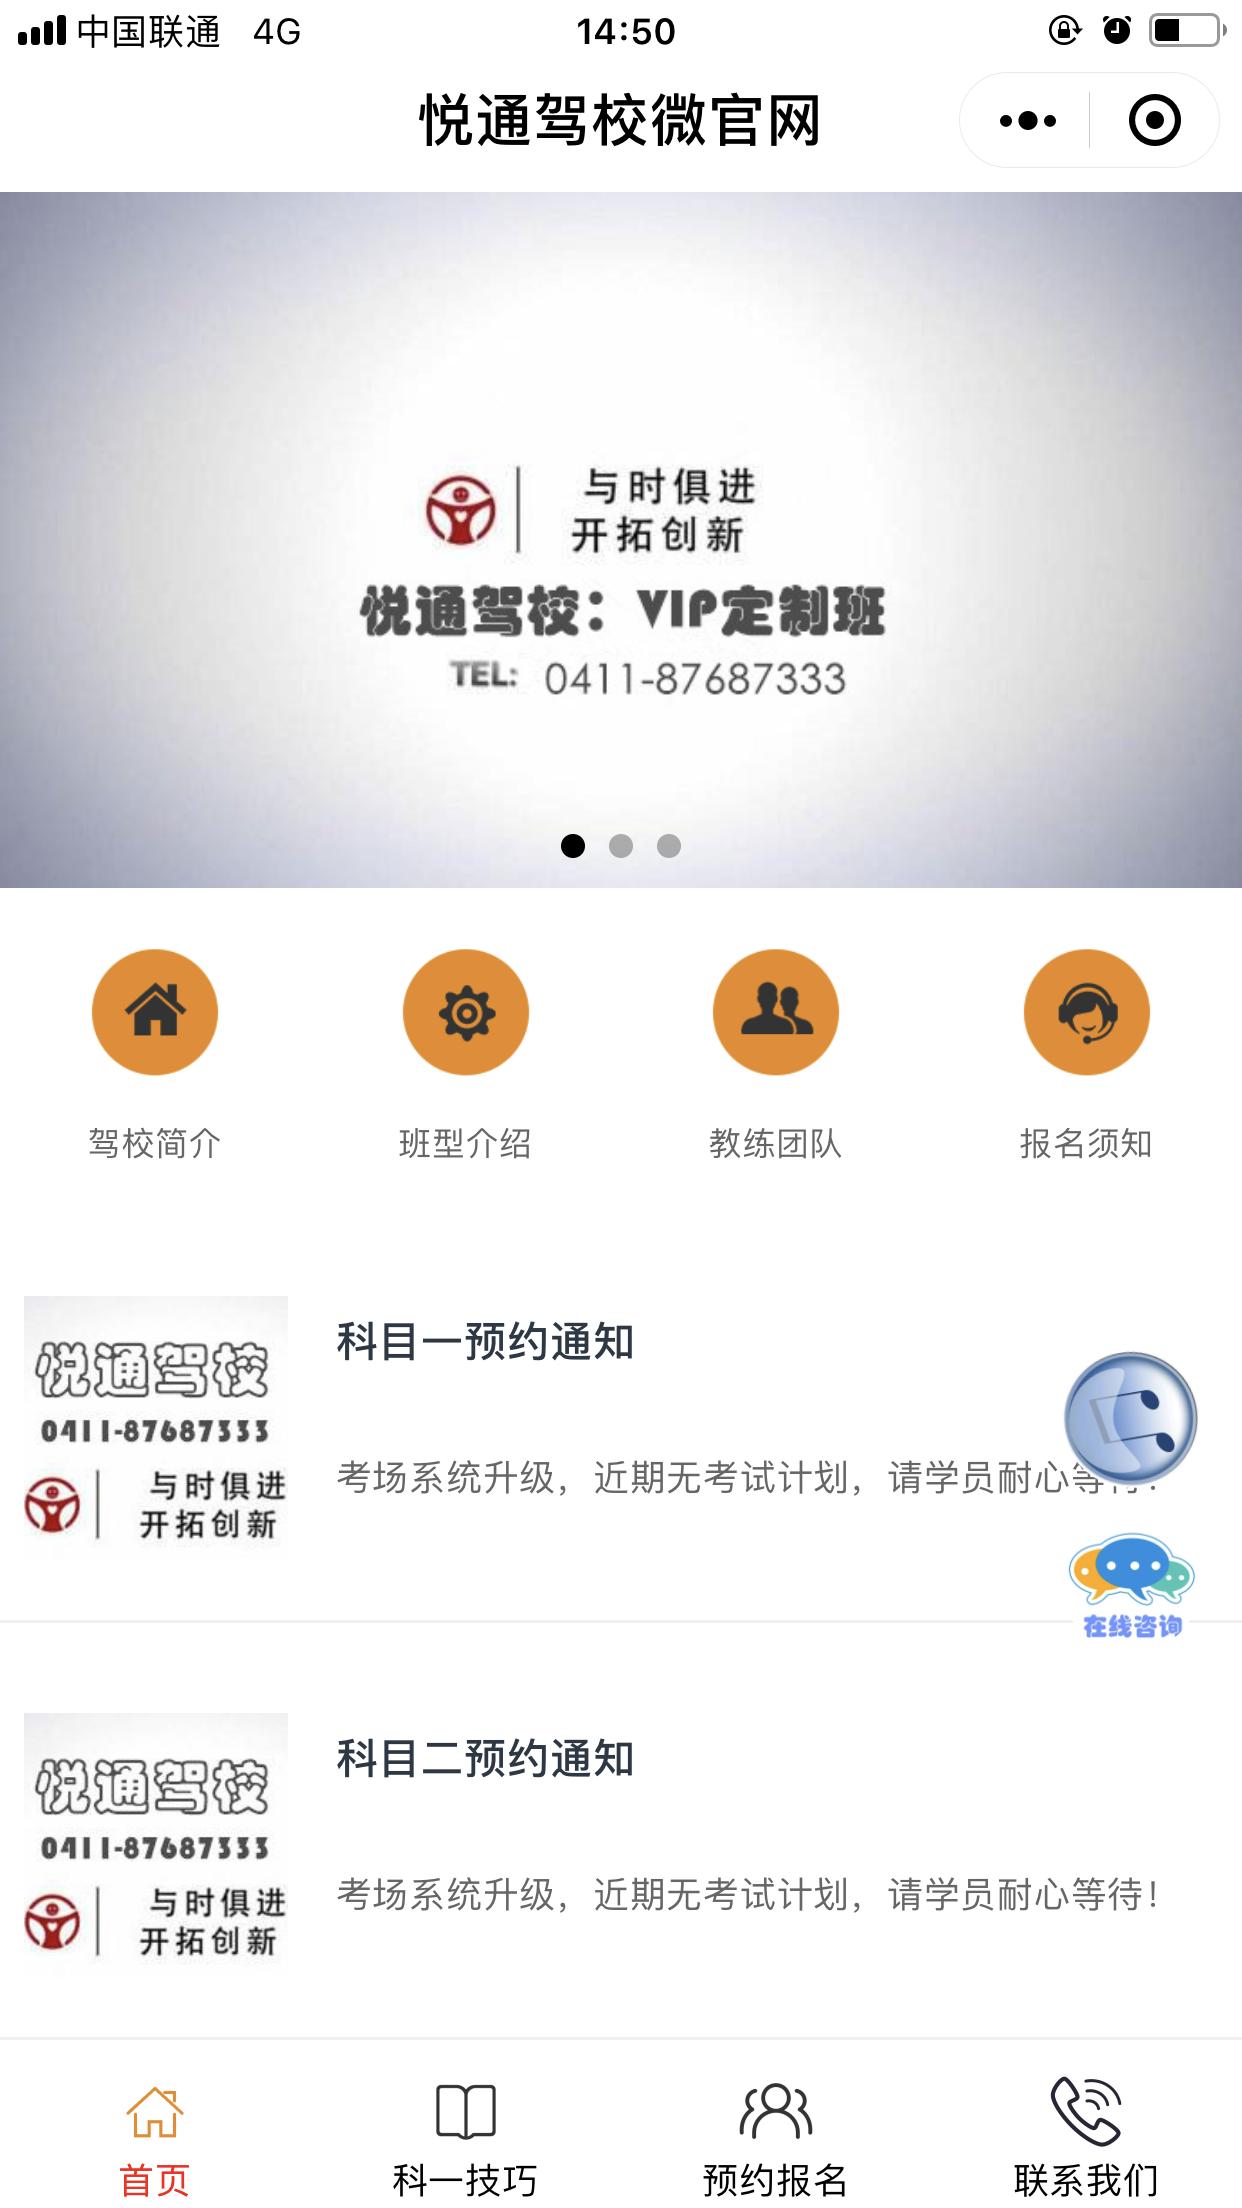 微信大连驾校微服务小程序